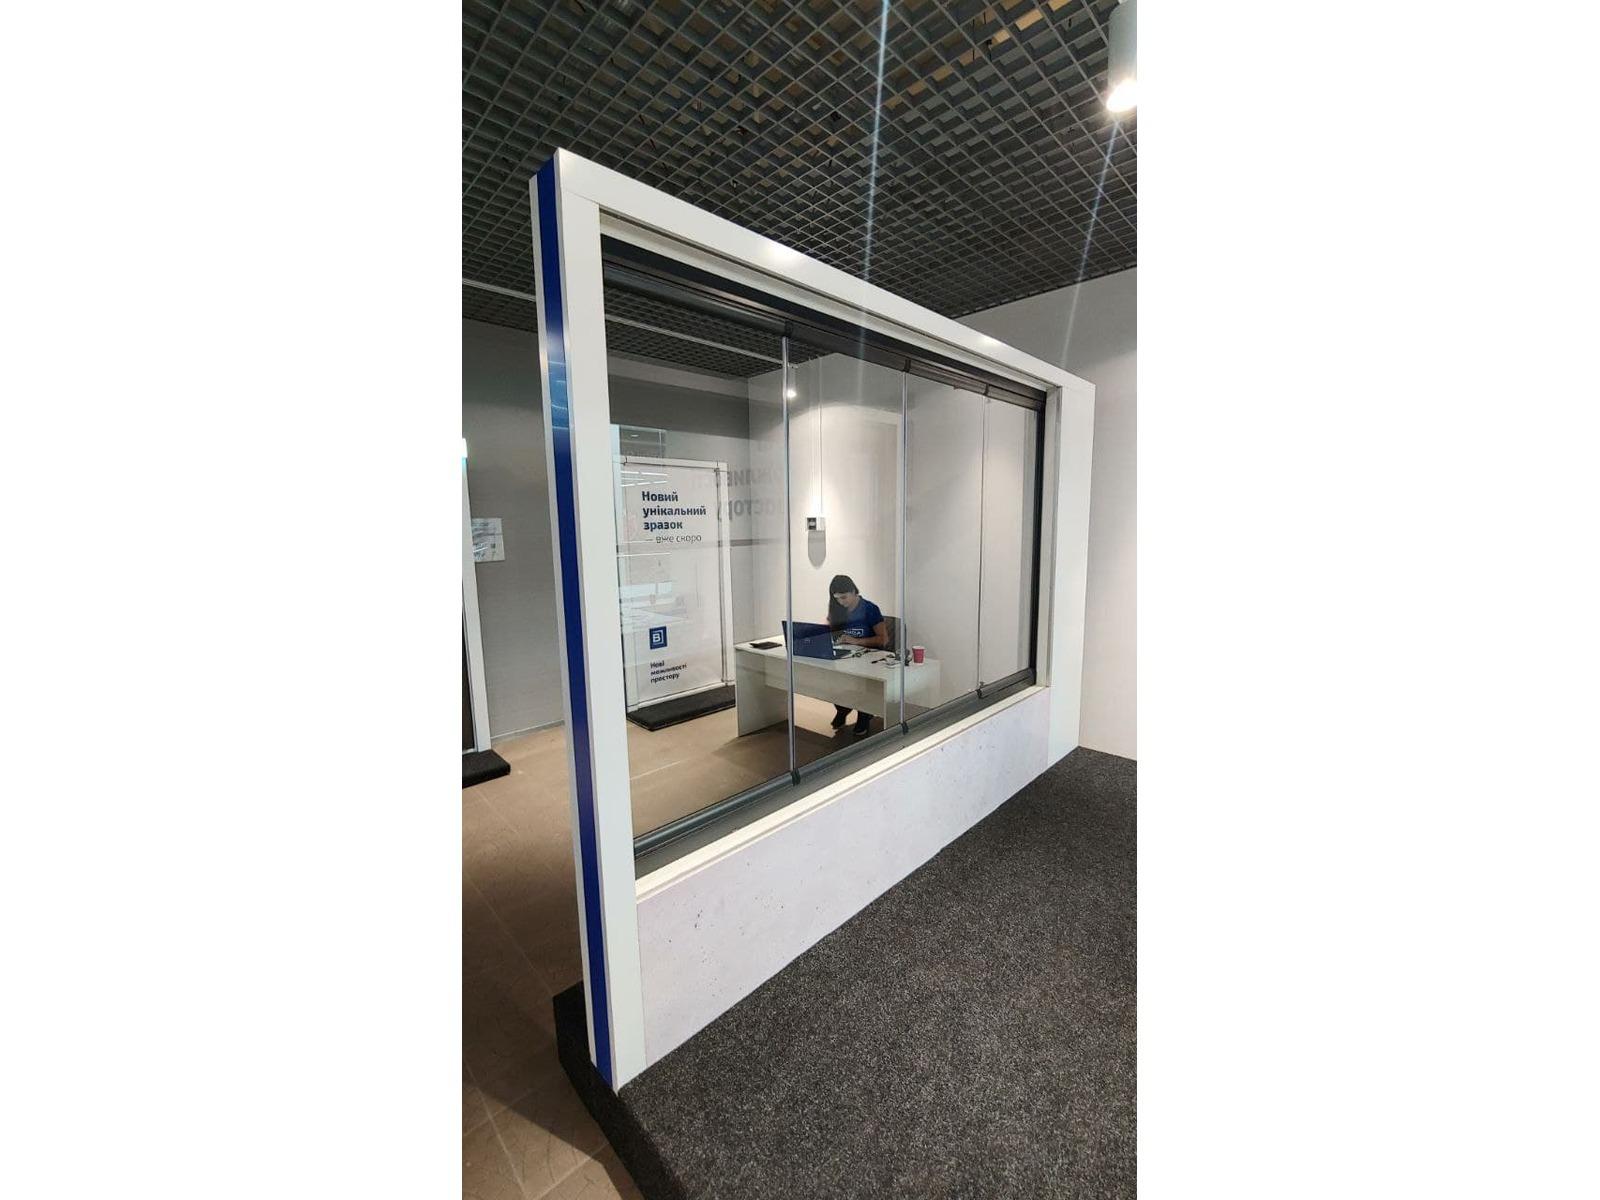 салон Віконда у ТРЦ Сонячна галерея